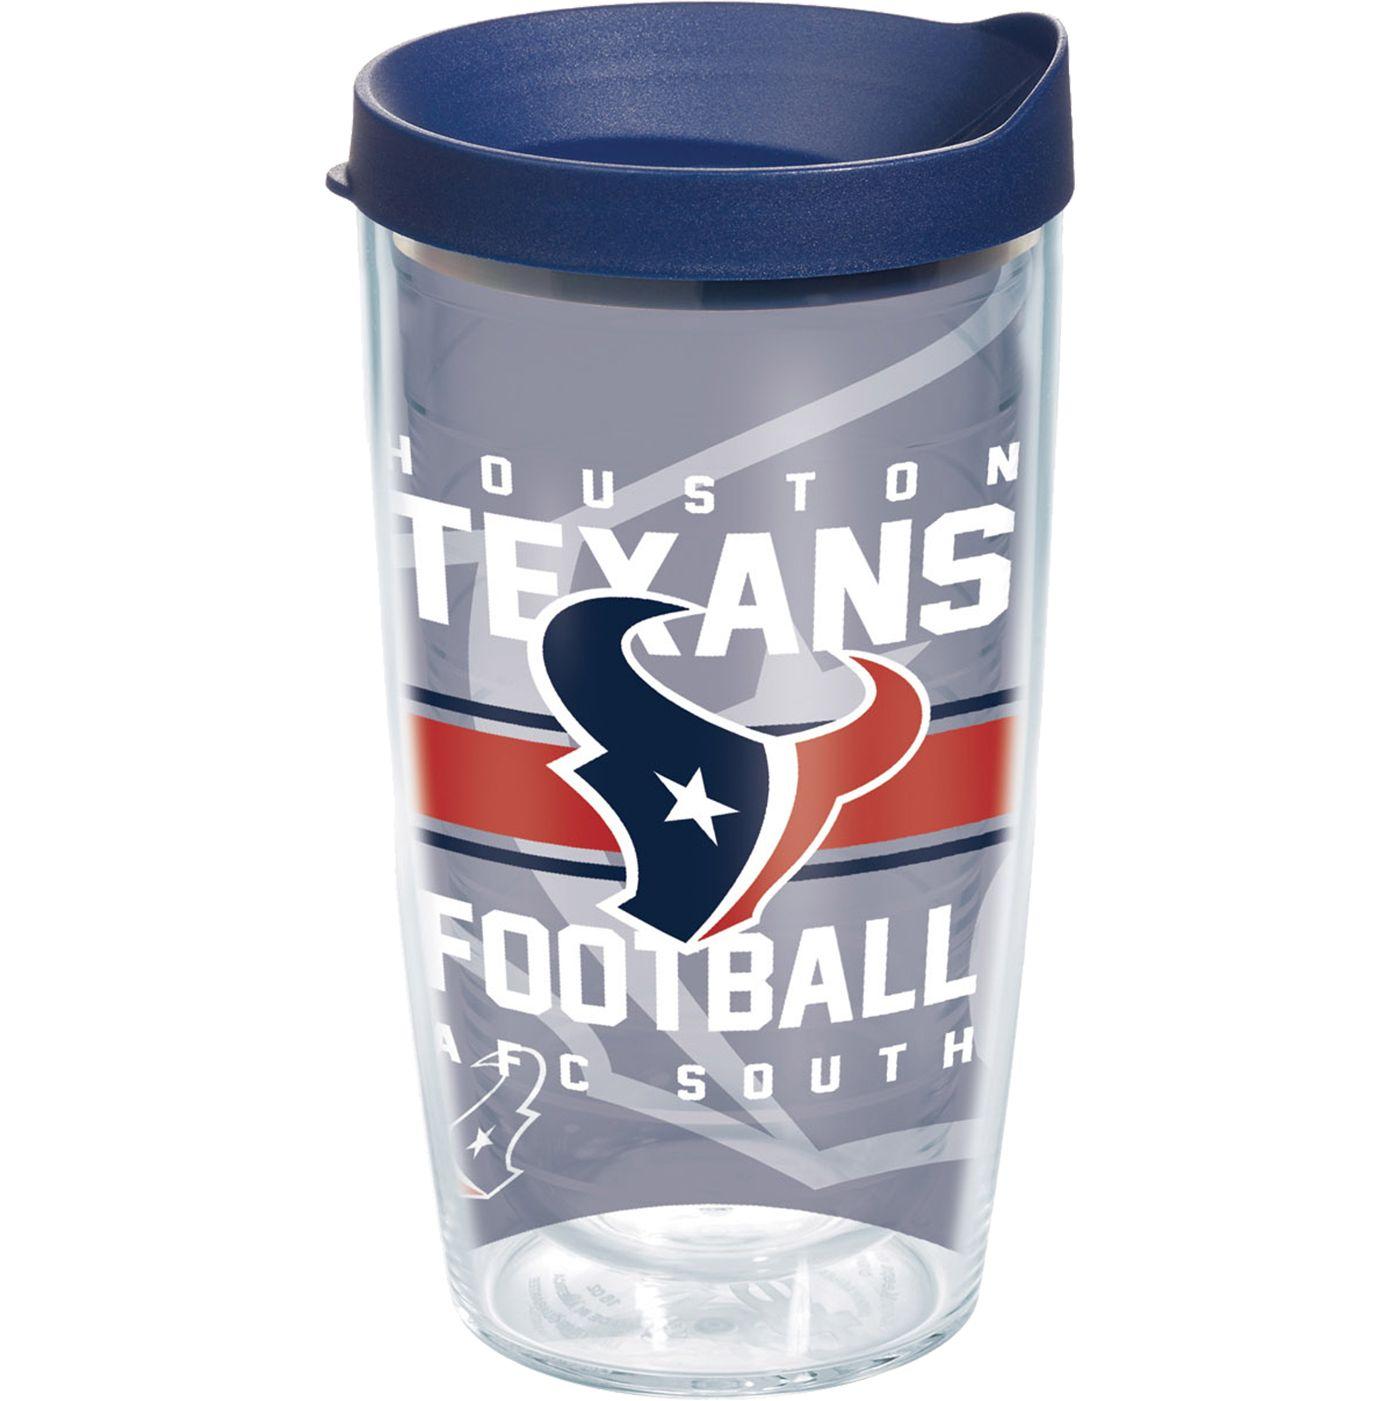 Tervis Houston Texans Gridiron 16oz Tumbler